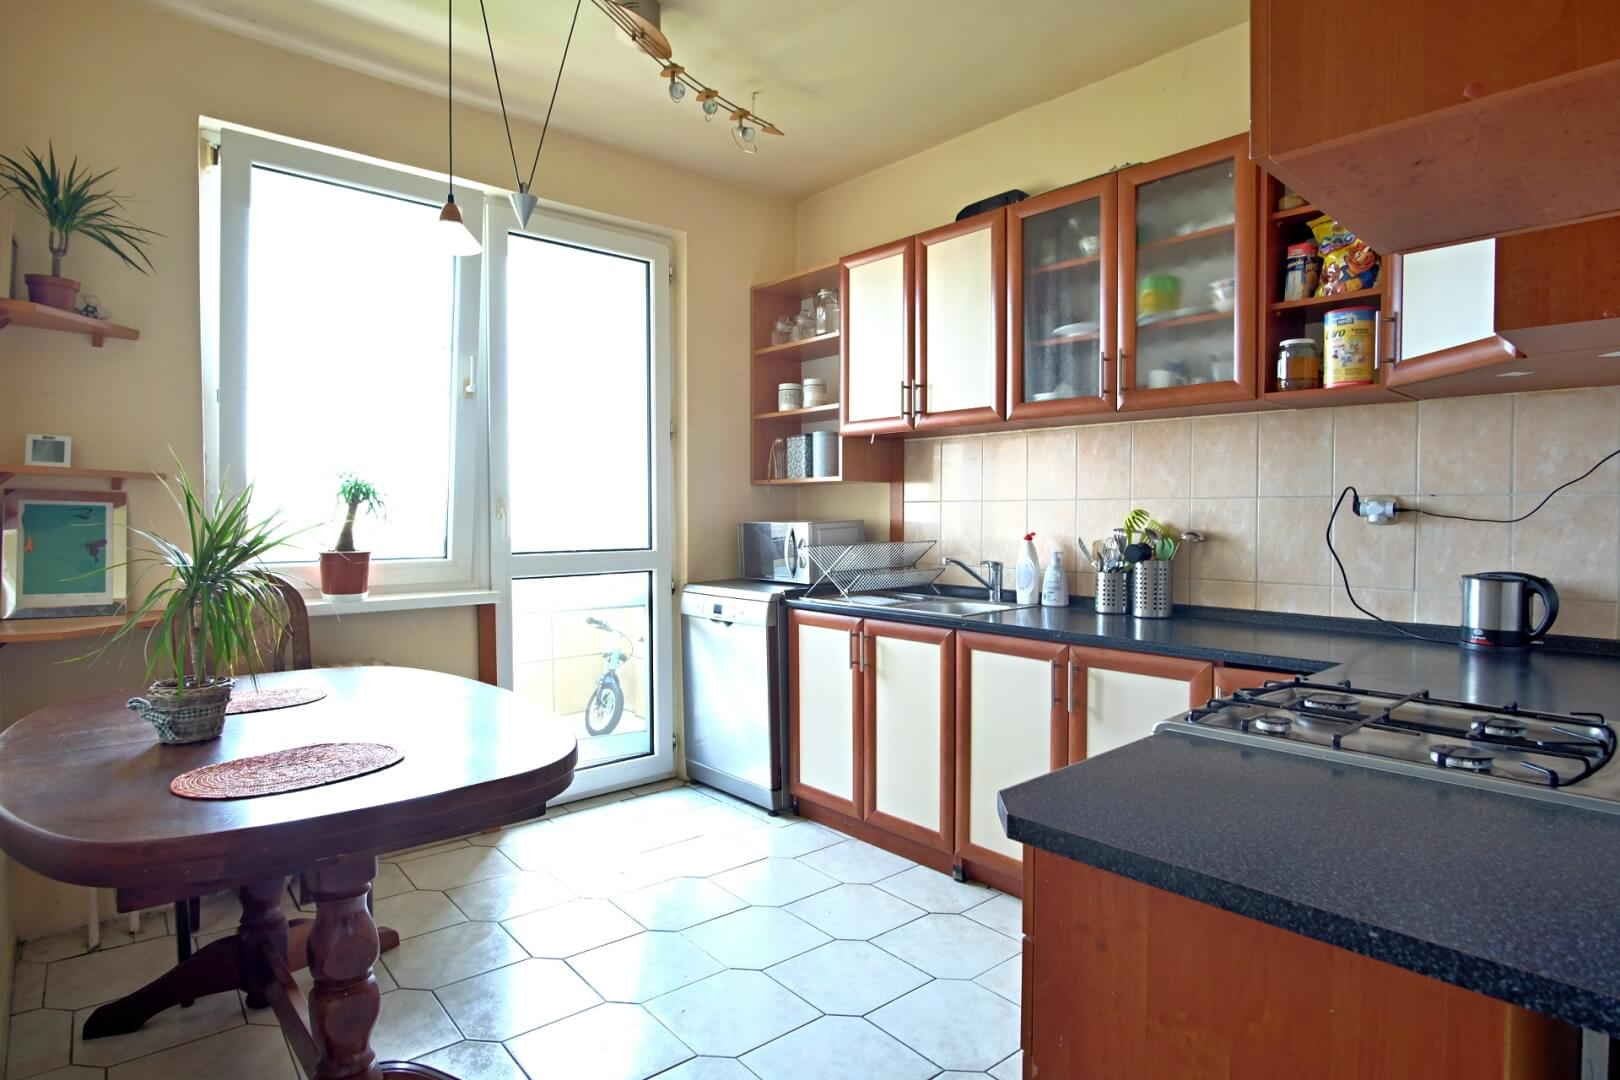 PREDANÉ – Na predaj zariadený 4 izbový byt po čiastočnej rekonštrukcii Bratislava- Petržalka.-2